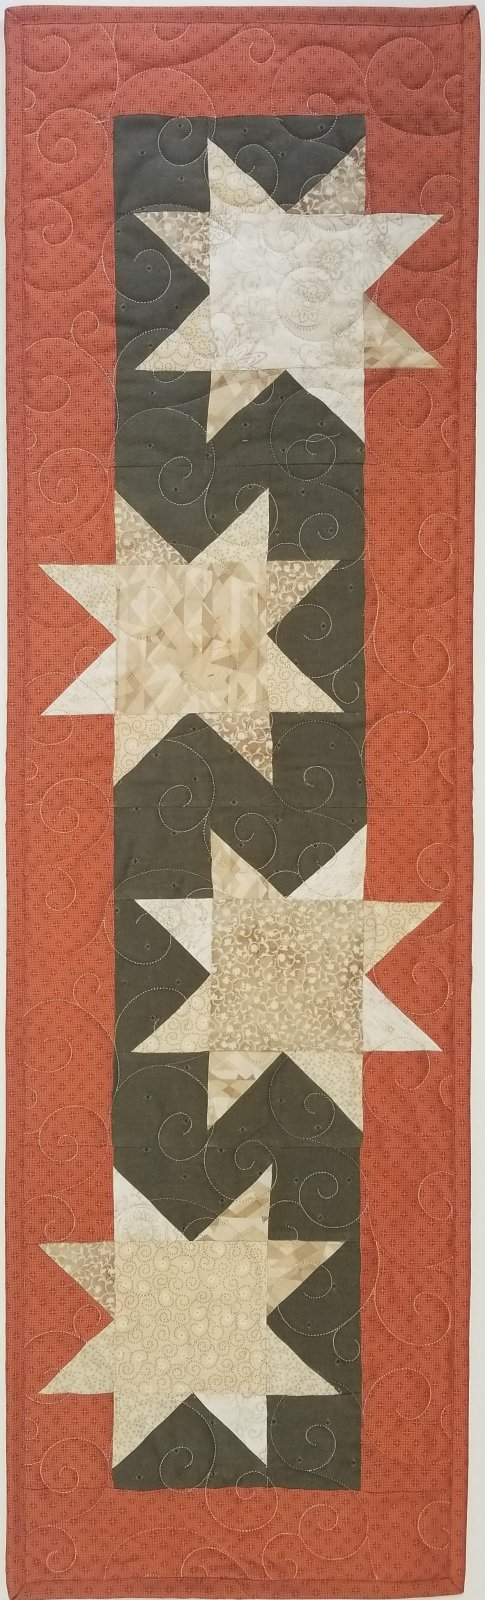 Neutral Desert Stars Fabric Kit